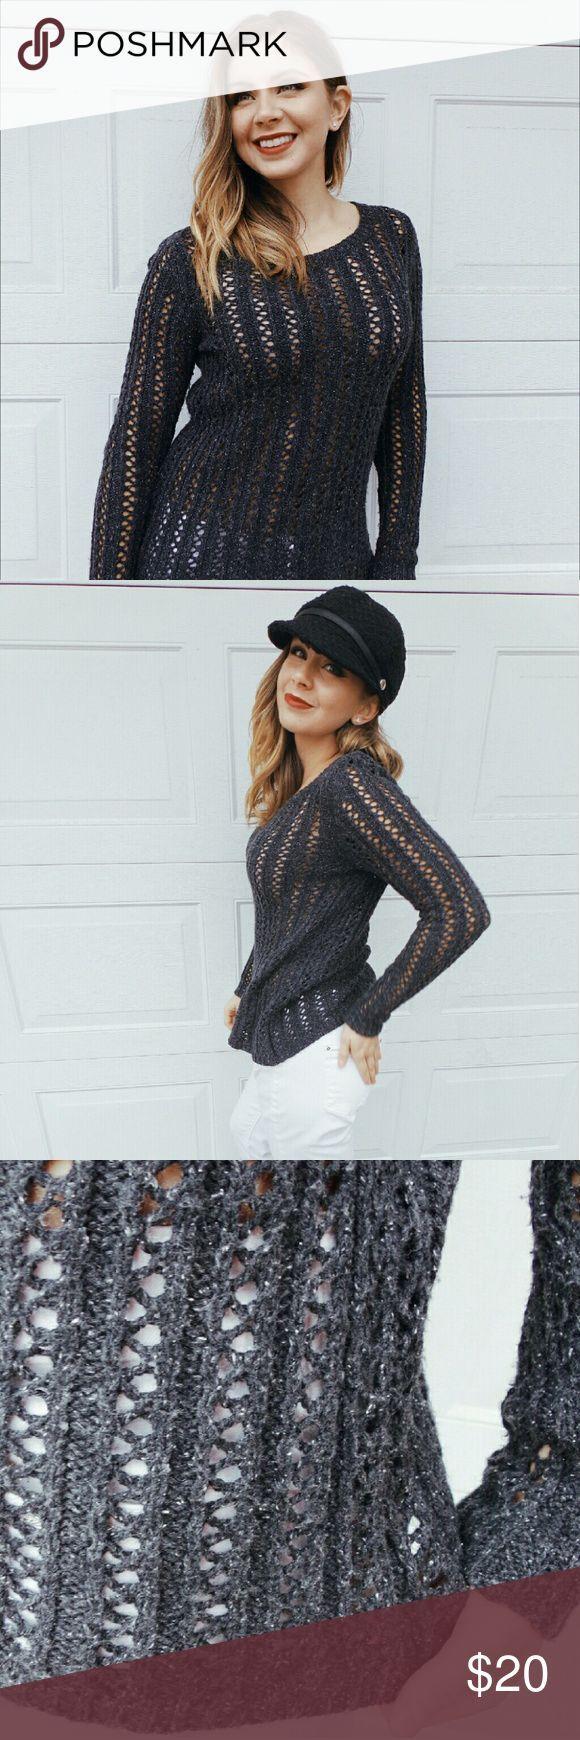 #Ann #fro #Great #Grey #Light #Sweater #Taylor #transitioning #warm #warm Rainy Day Outfit Ann Taylor Grey Sweater Great light but still warm sweater for transitioning fro...        アンテイラーグレーセーター冬から春への移行に最適な、軽くて暖かいセーターですか?美しい状態、かろうじてすり減り、ひっかかり、ほつれ、または編み物の目に見える伸びがない。軽いスカーフとボーイフレンドのジーンズと組み合わせて、快適な雨の日の装いをしたり、スキニーパンツとハイブーツを組み合わせて、もっとまとめてみま... #rainydayoutfitforwork